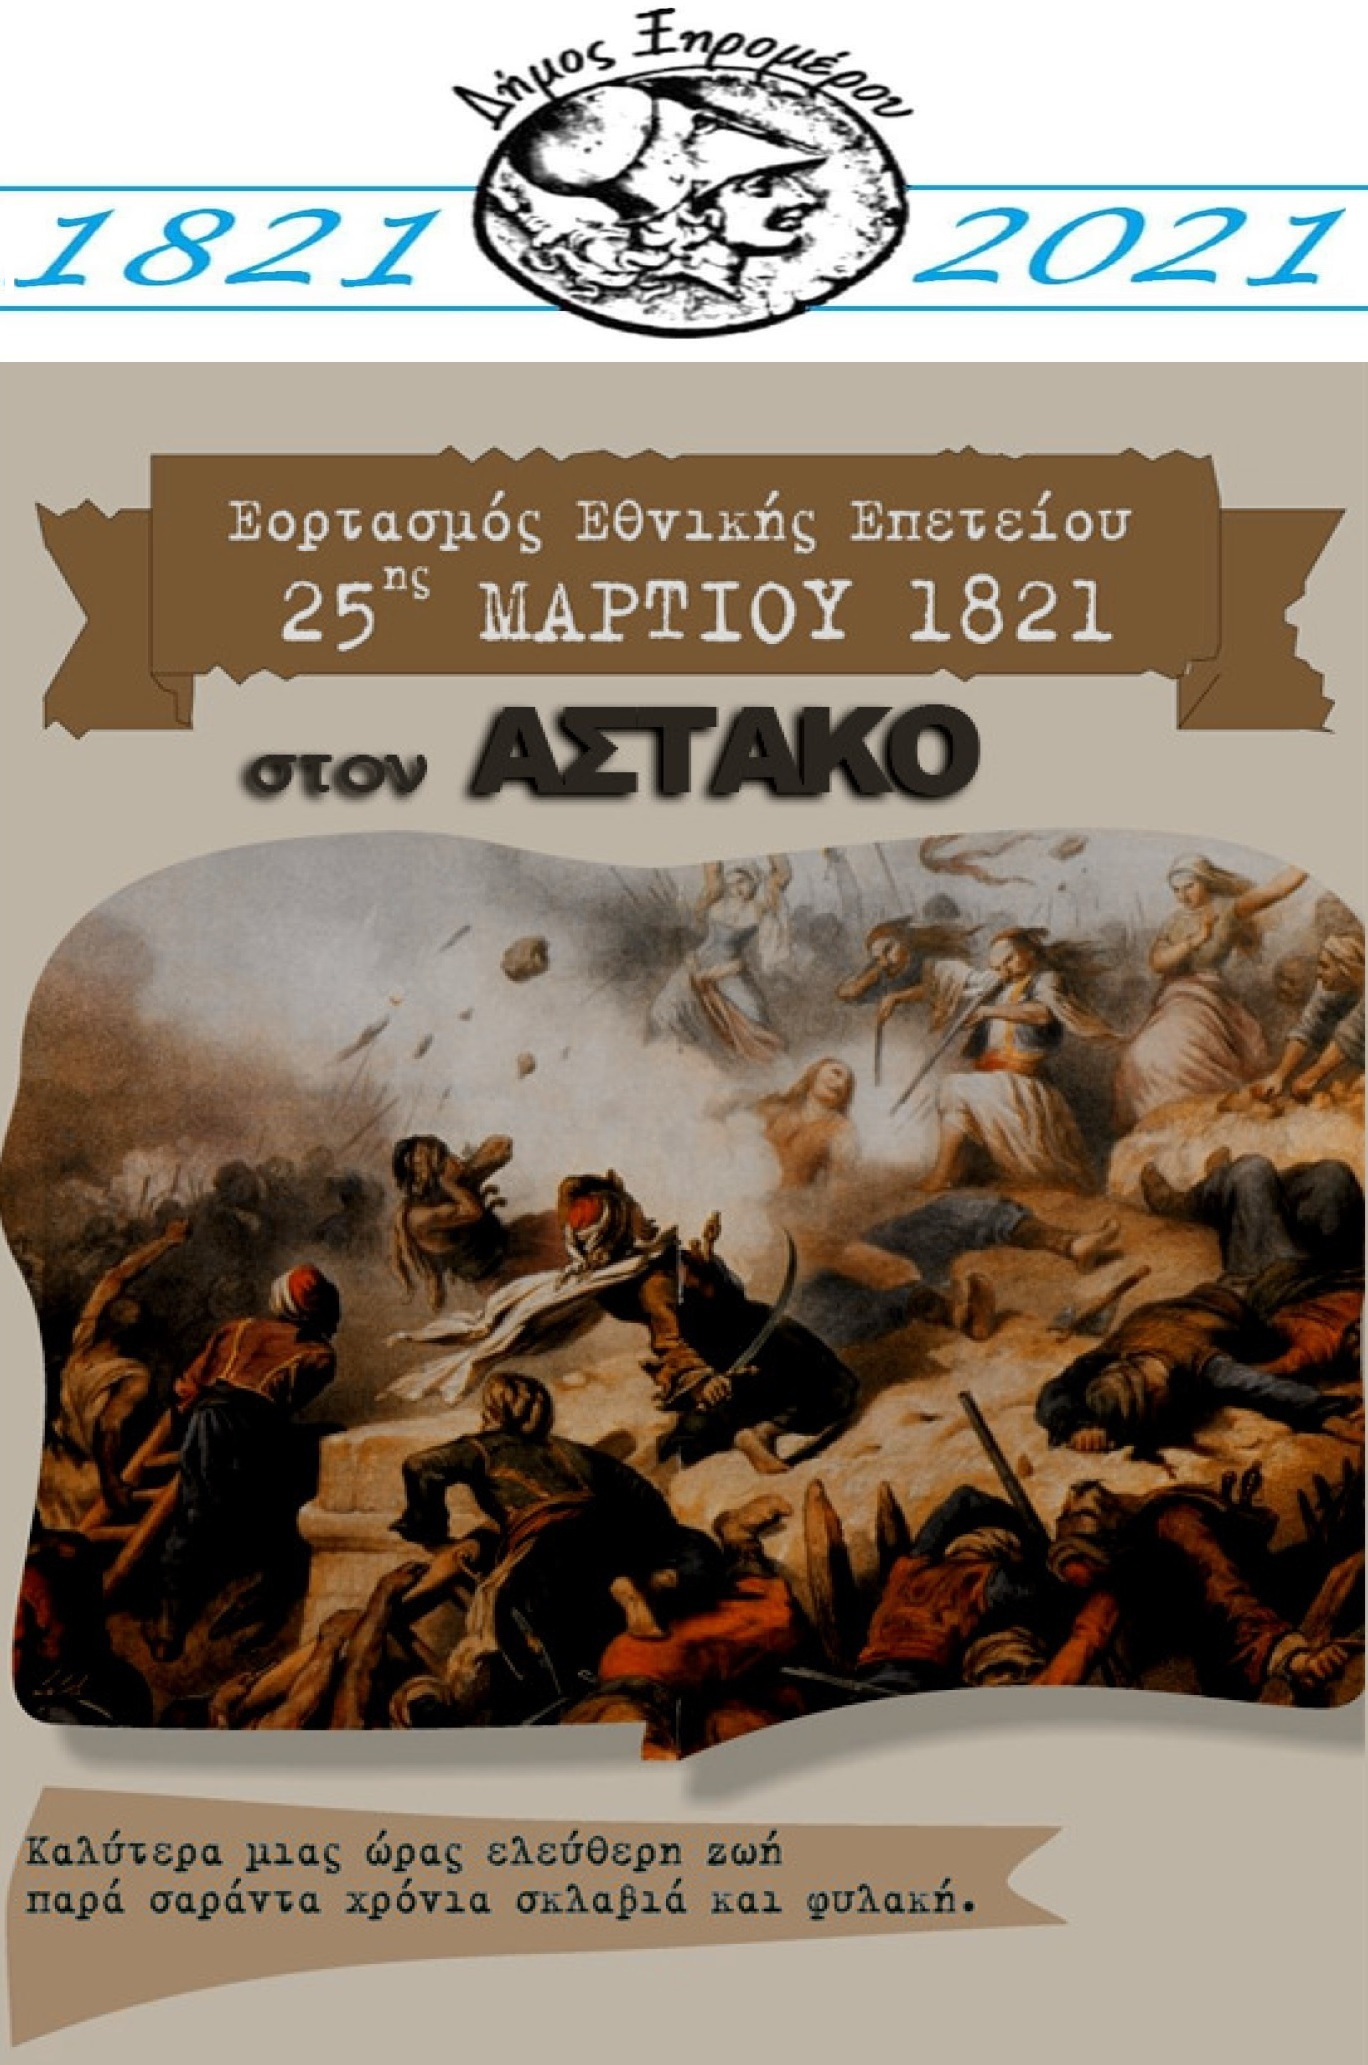 Αφίσα εορτασμού στην έδρα του Δήμου Ξηρομέρου